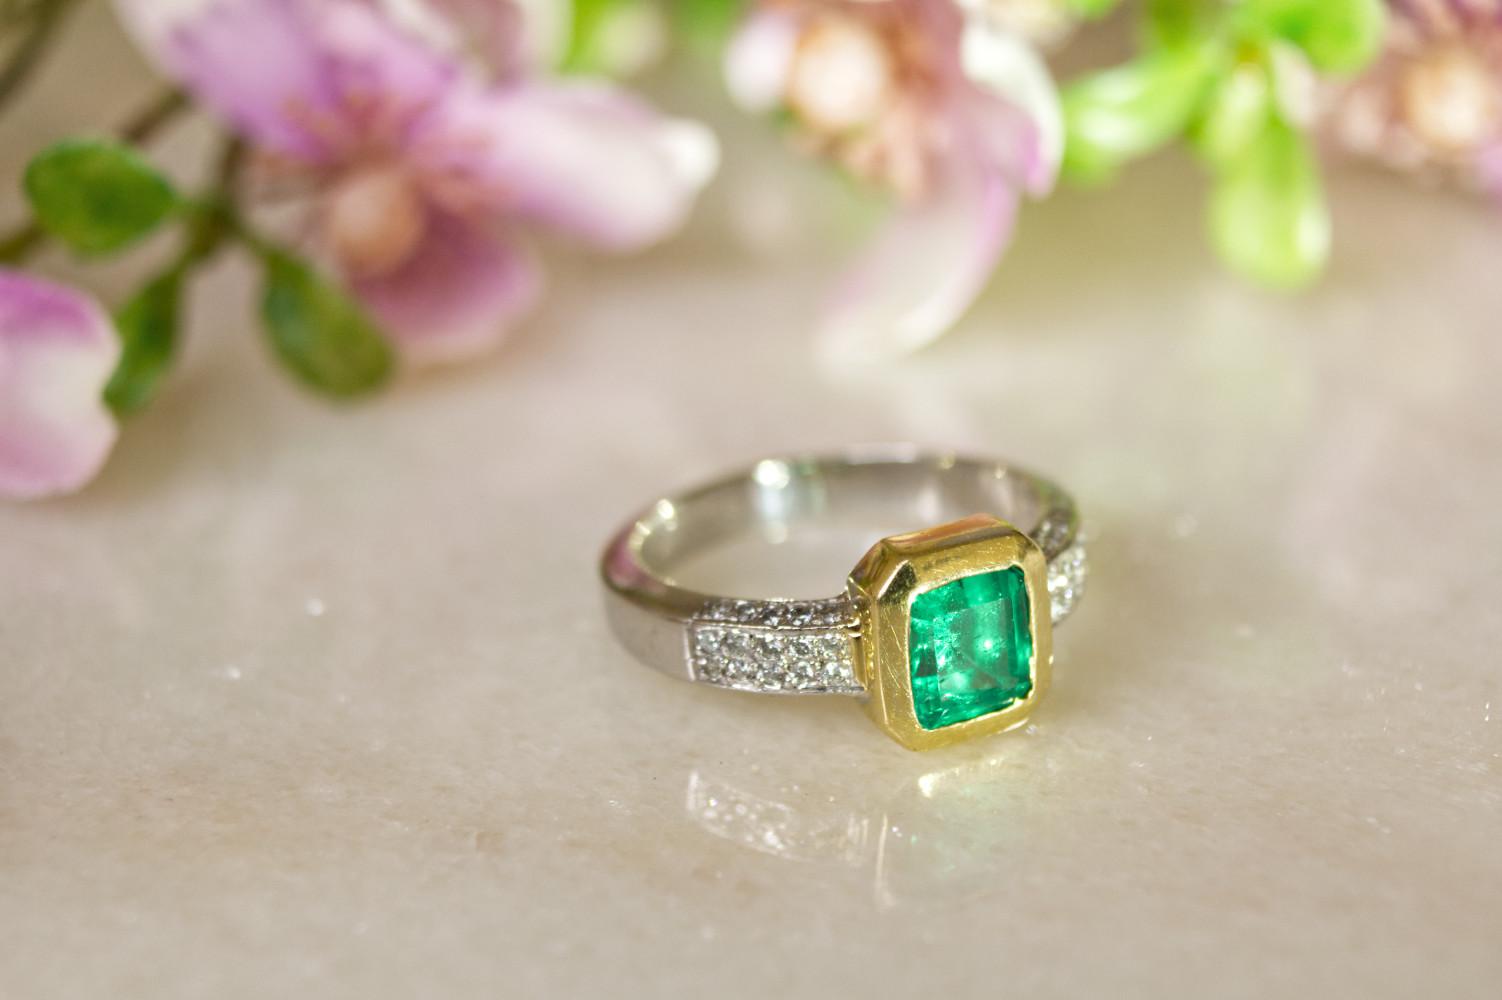 Elgenater Smaragdring in Weiss- und Gelbgold in schöner Stimmung